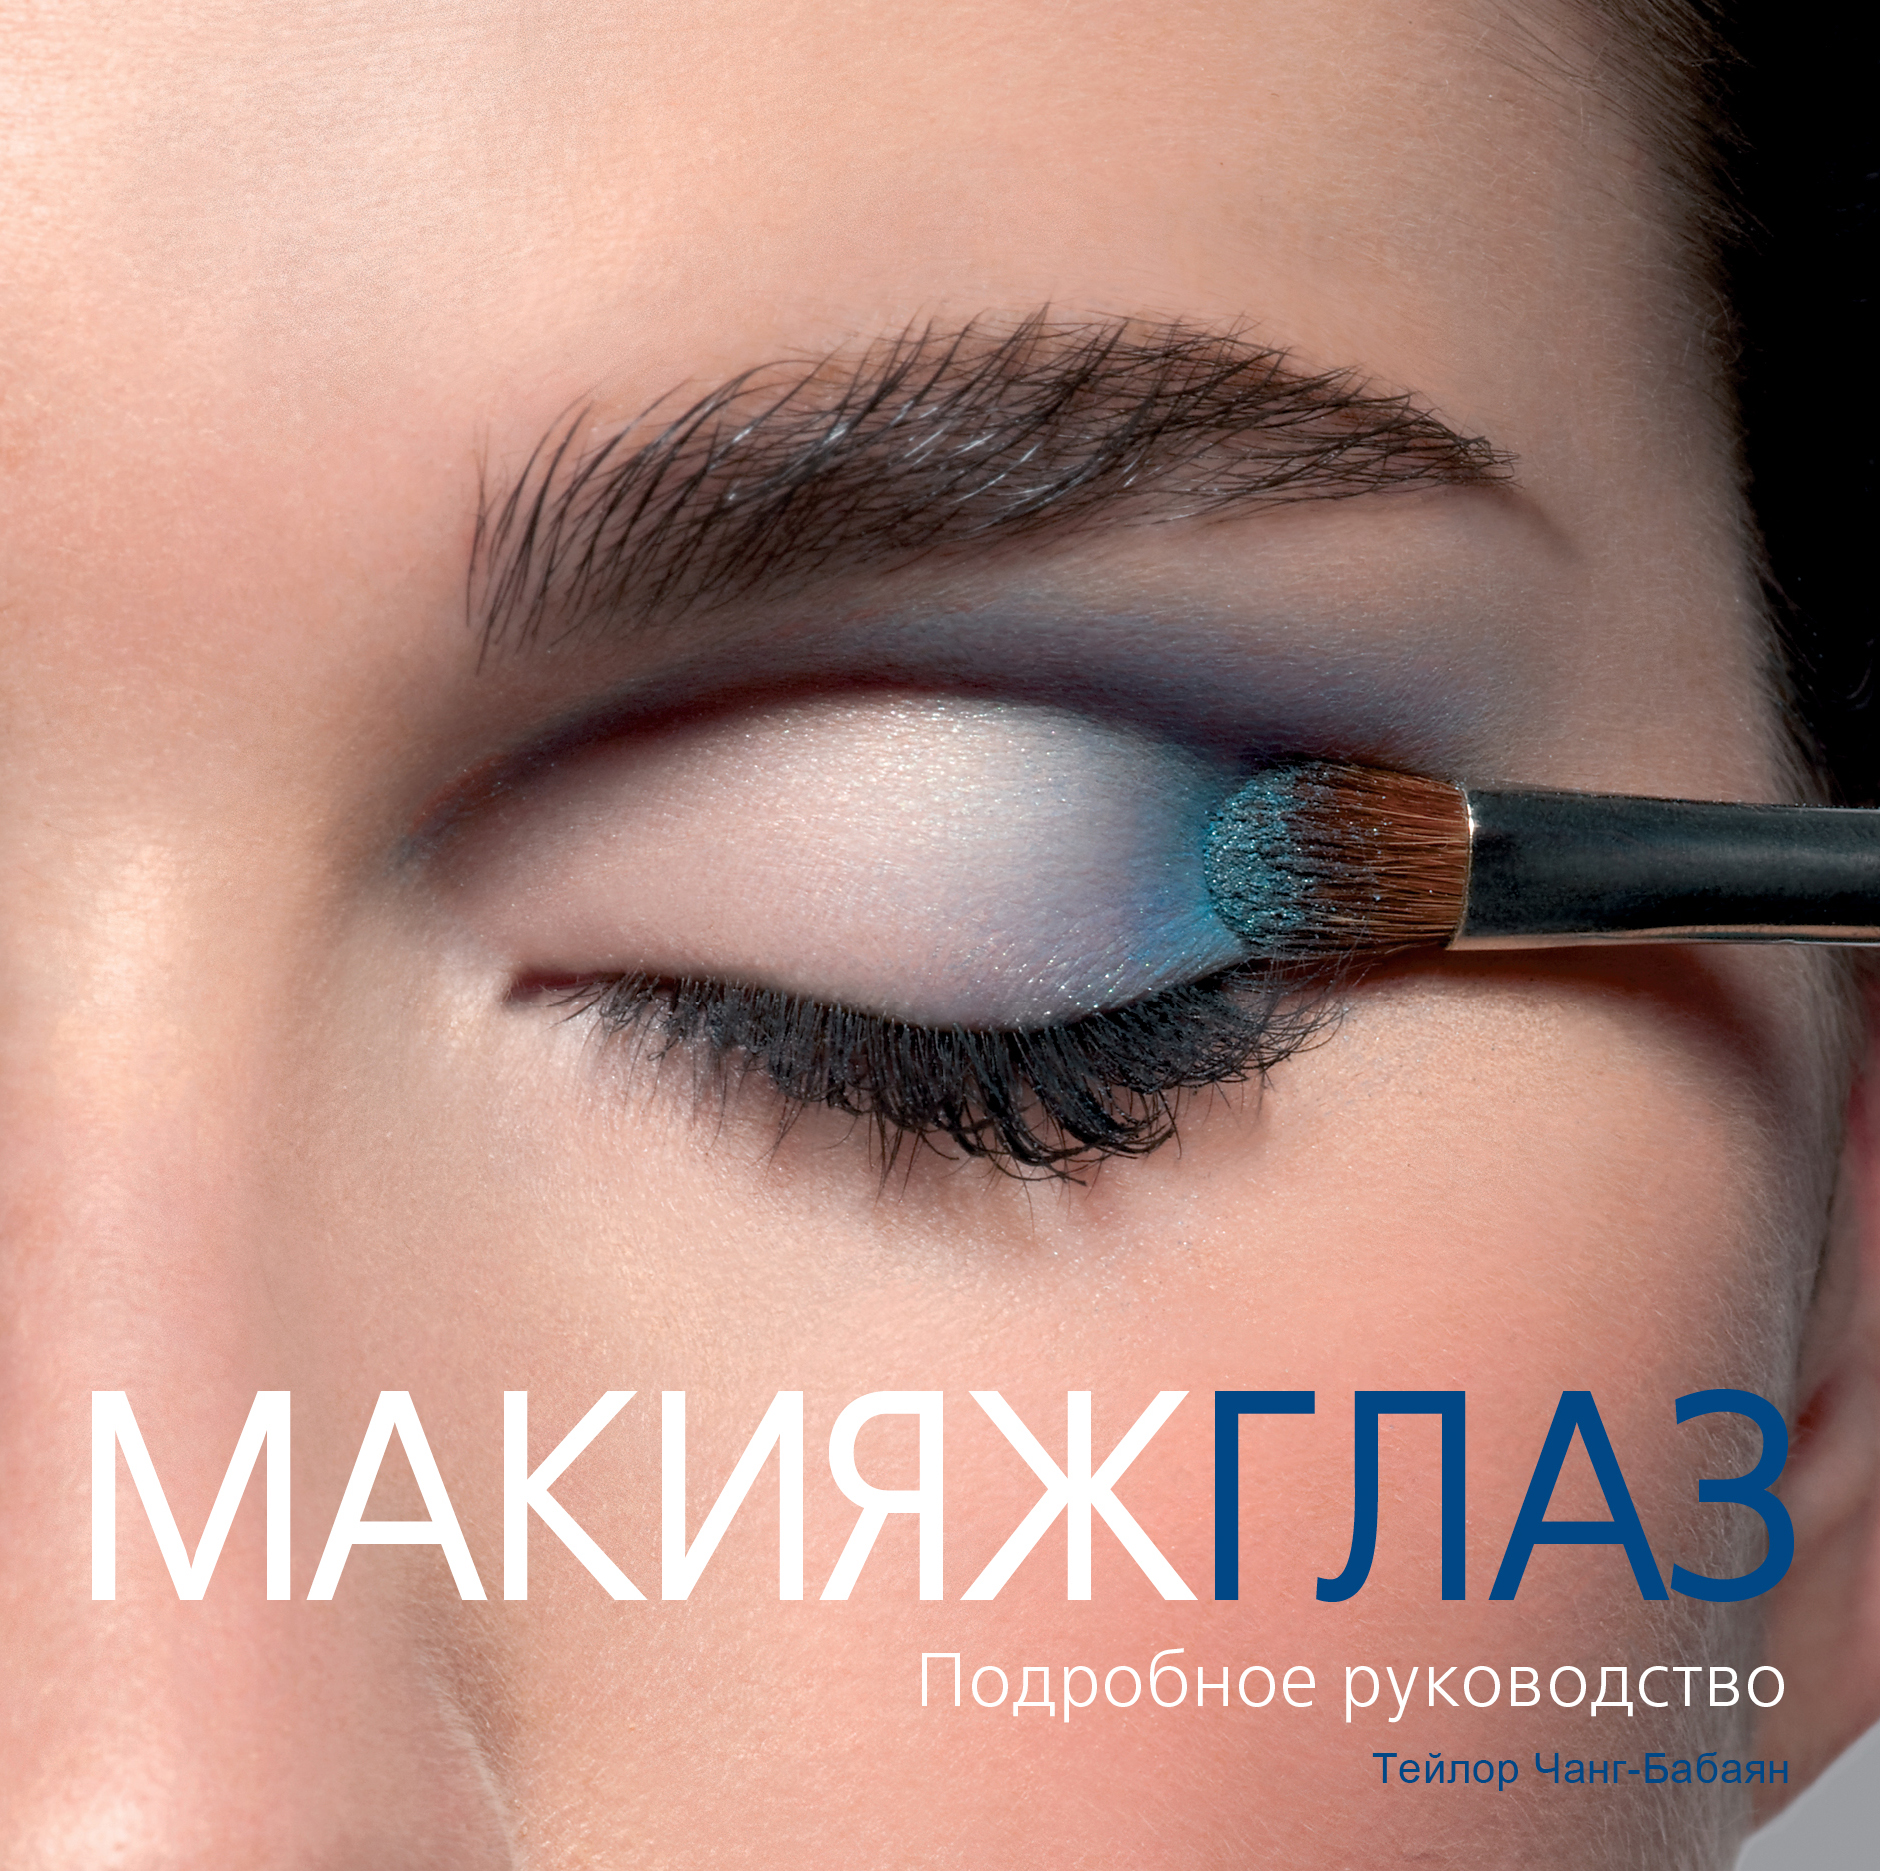 Макияж глаз. Подробное руководство (KRASOTA. Макияж от профессионалов)